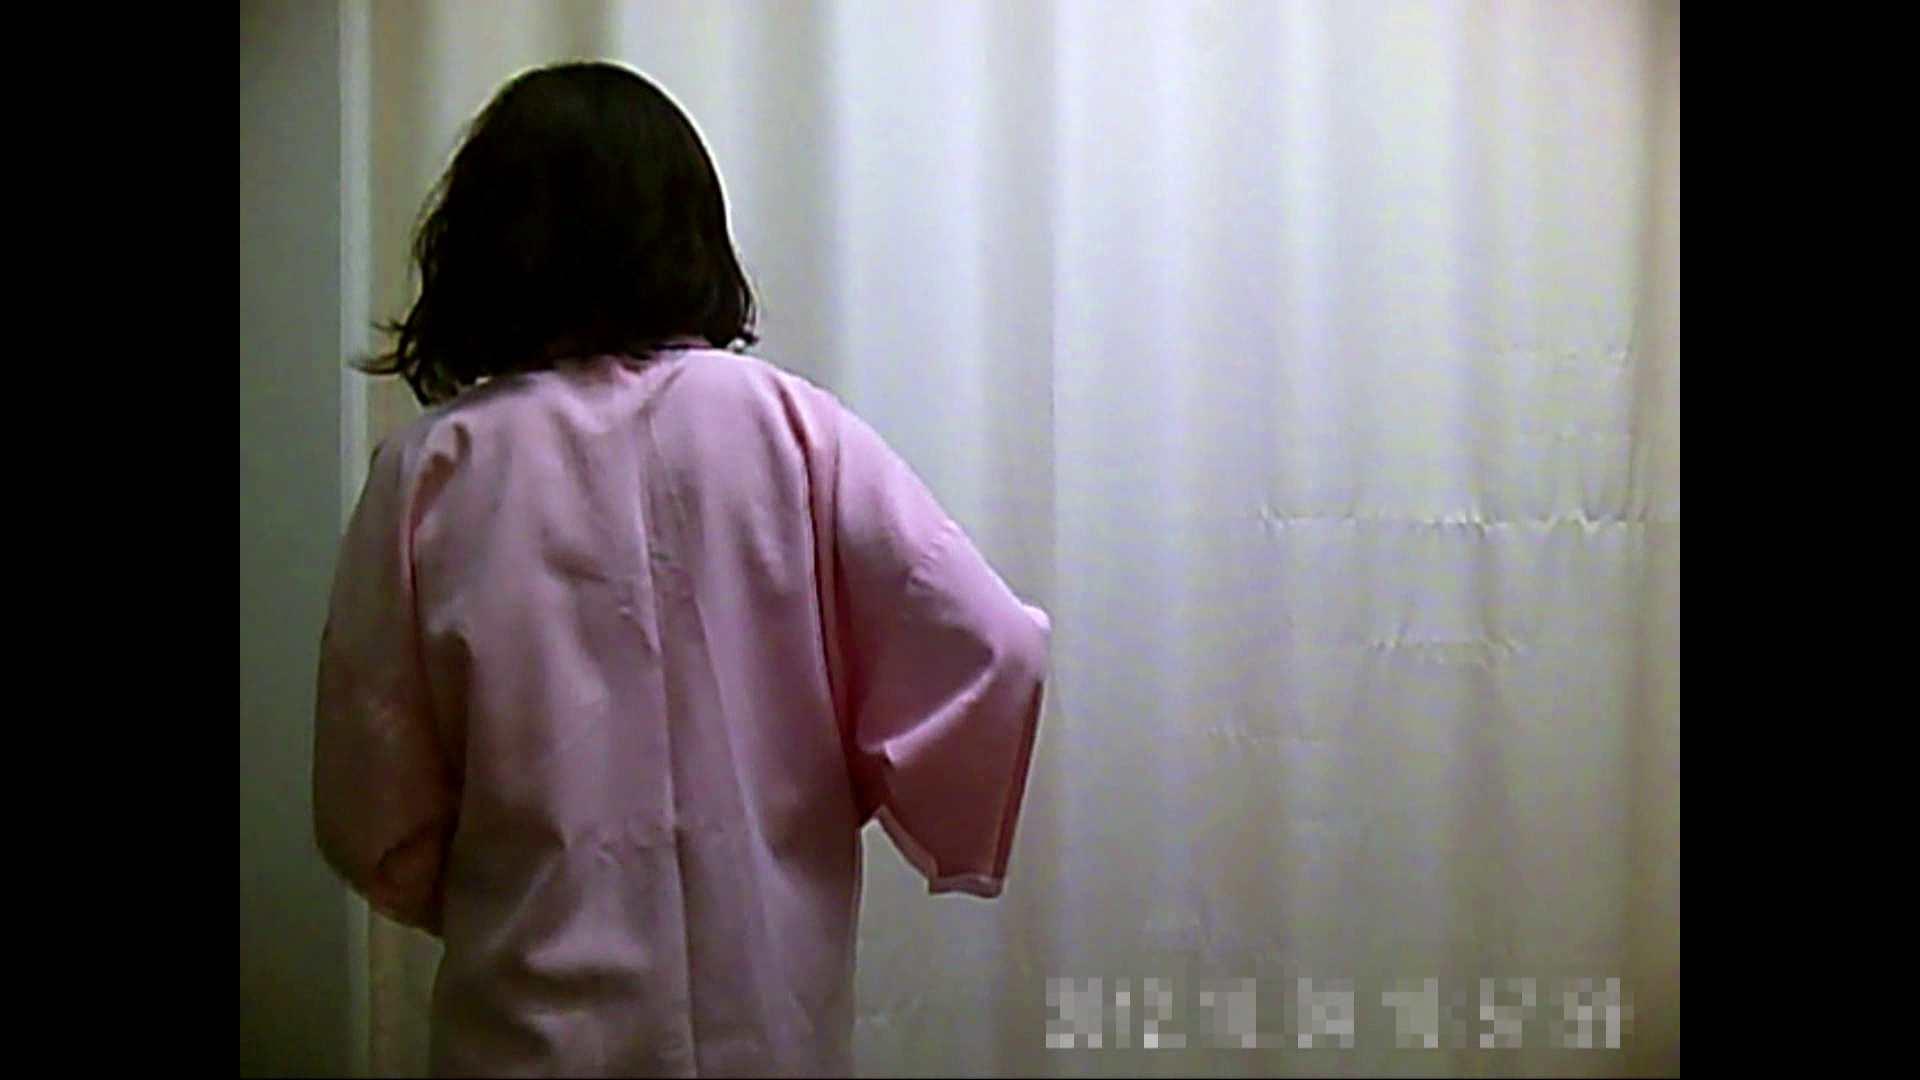 元医者による反抗 更衣室地獄絵巻 vol.068 エッチすぎるOL達  98連発 88